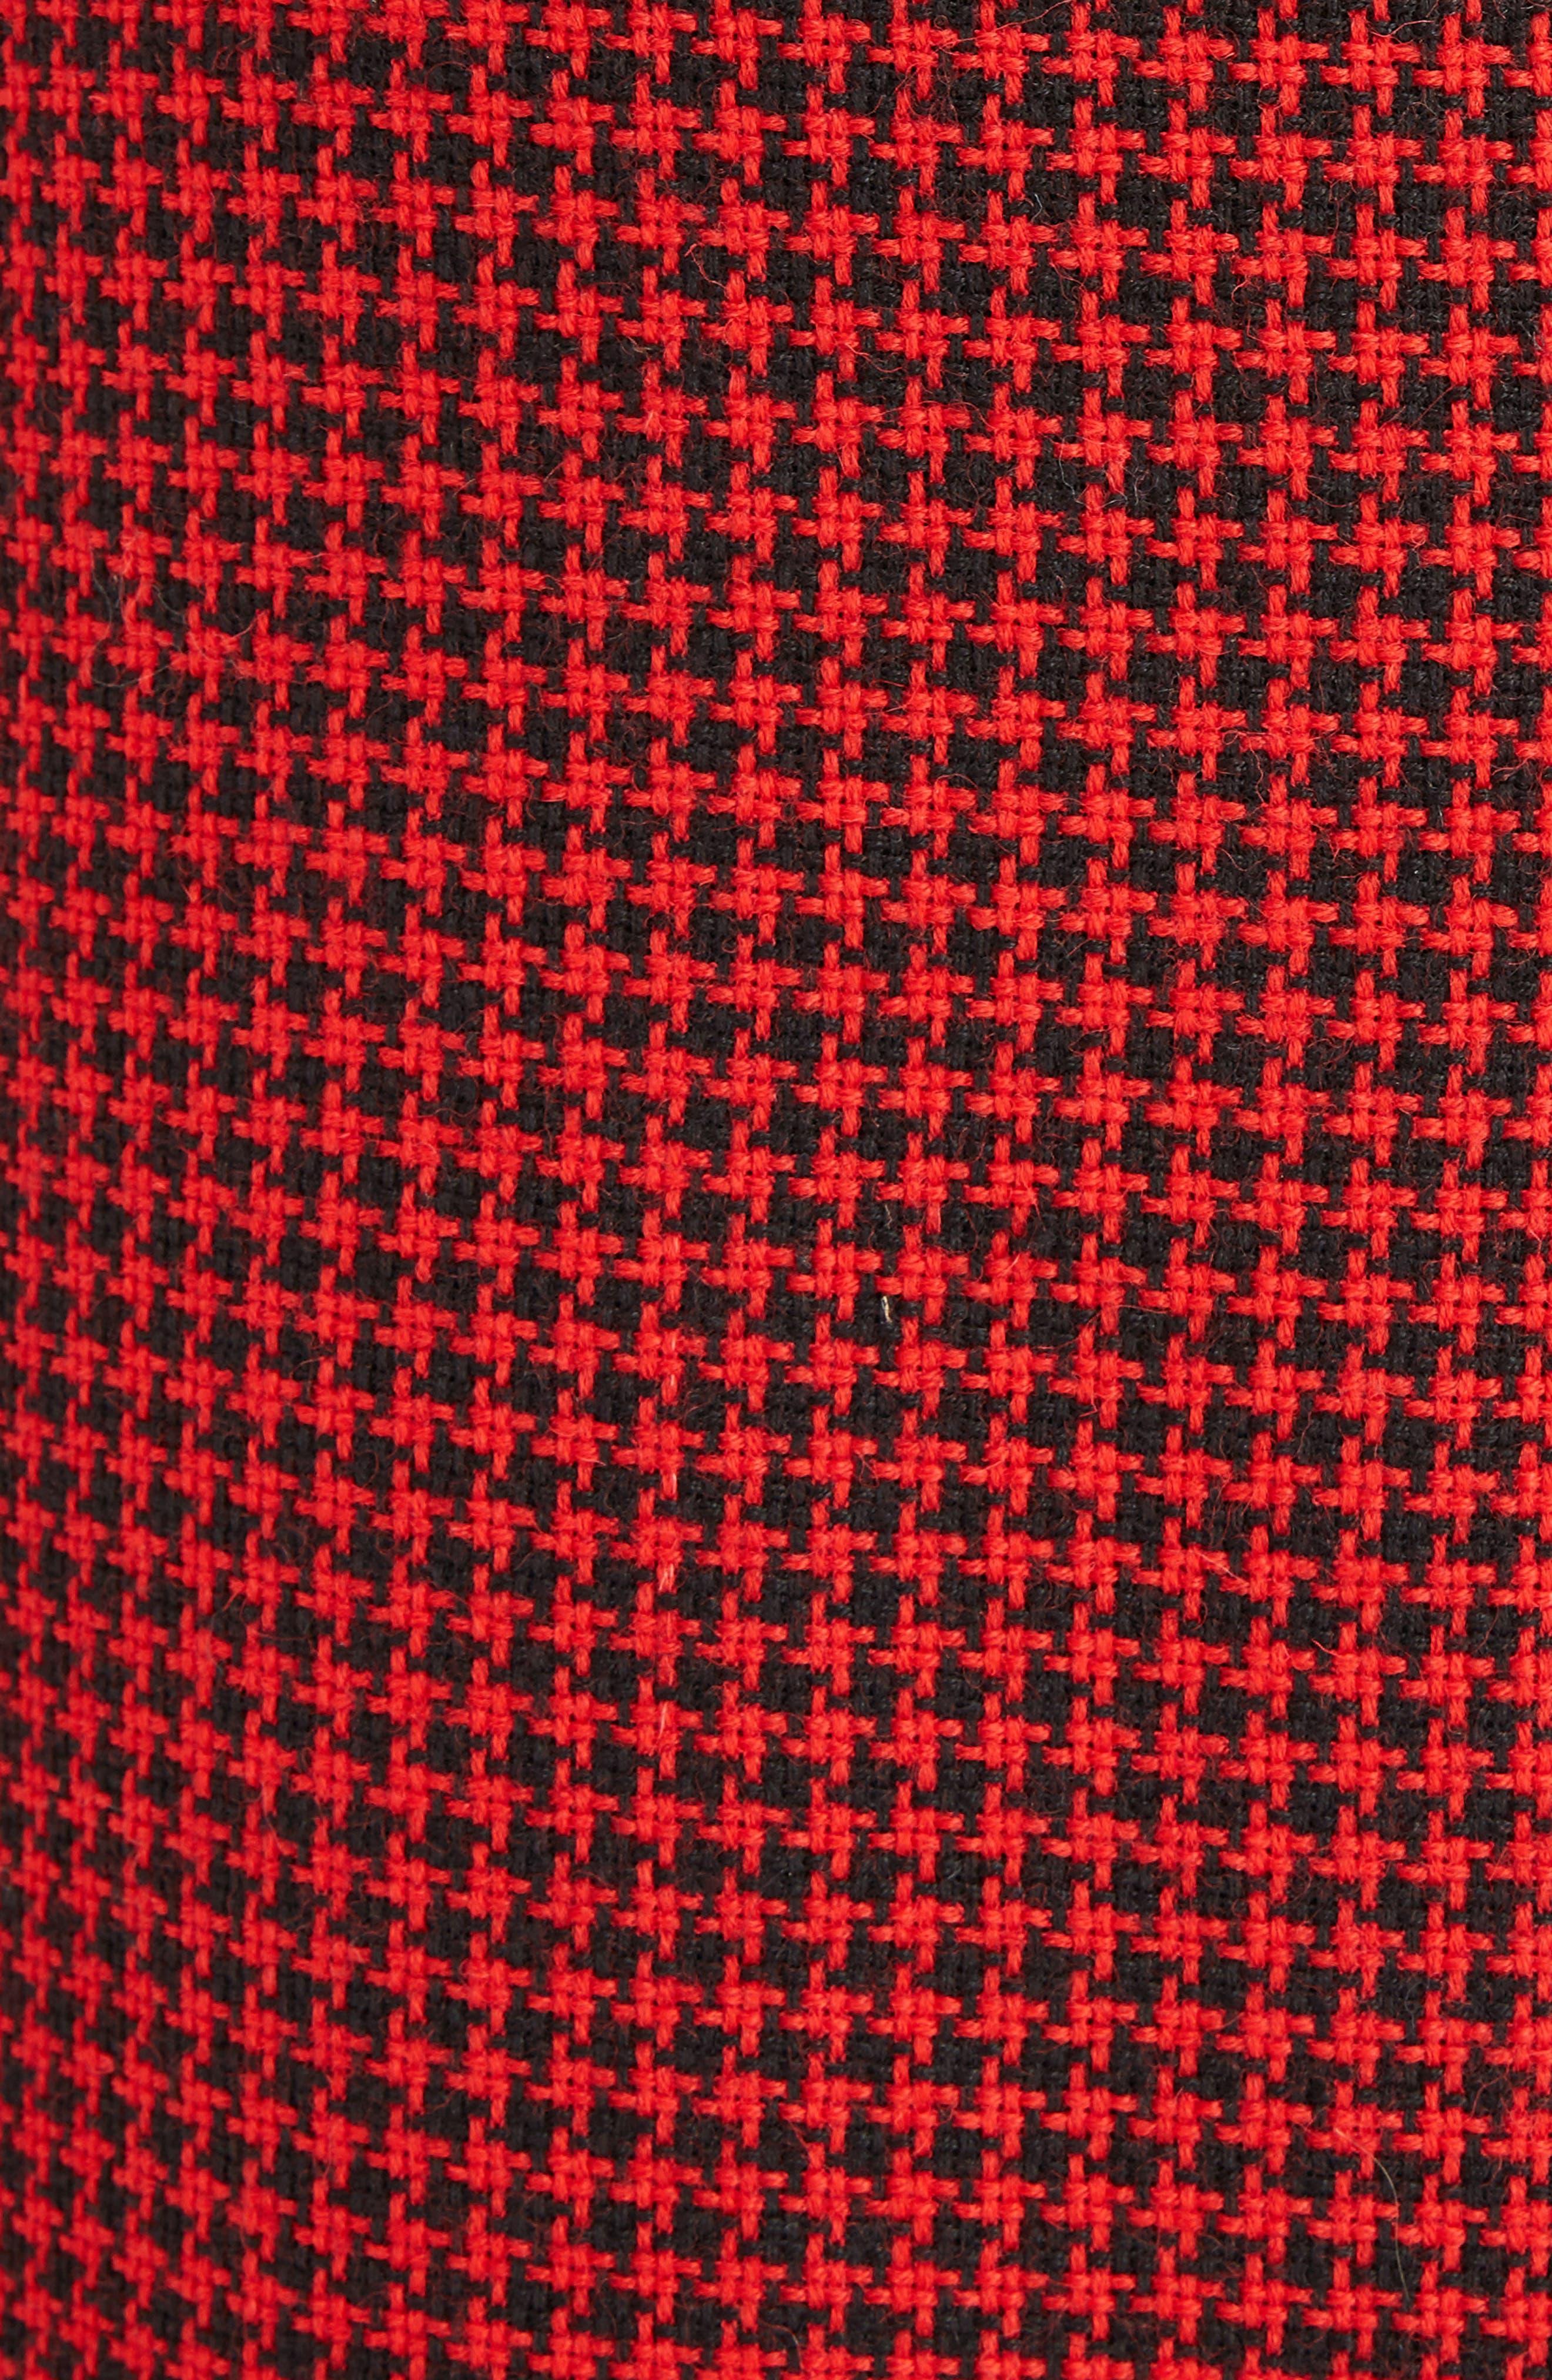 Christofor Houndstooth Wool Skirt,                             Alternate thumbnail 5, color,                             623